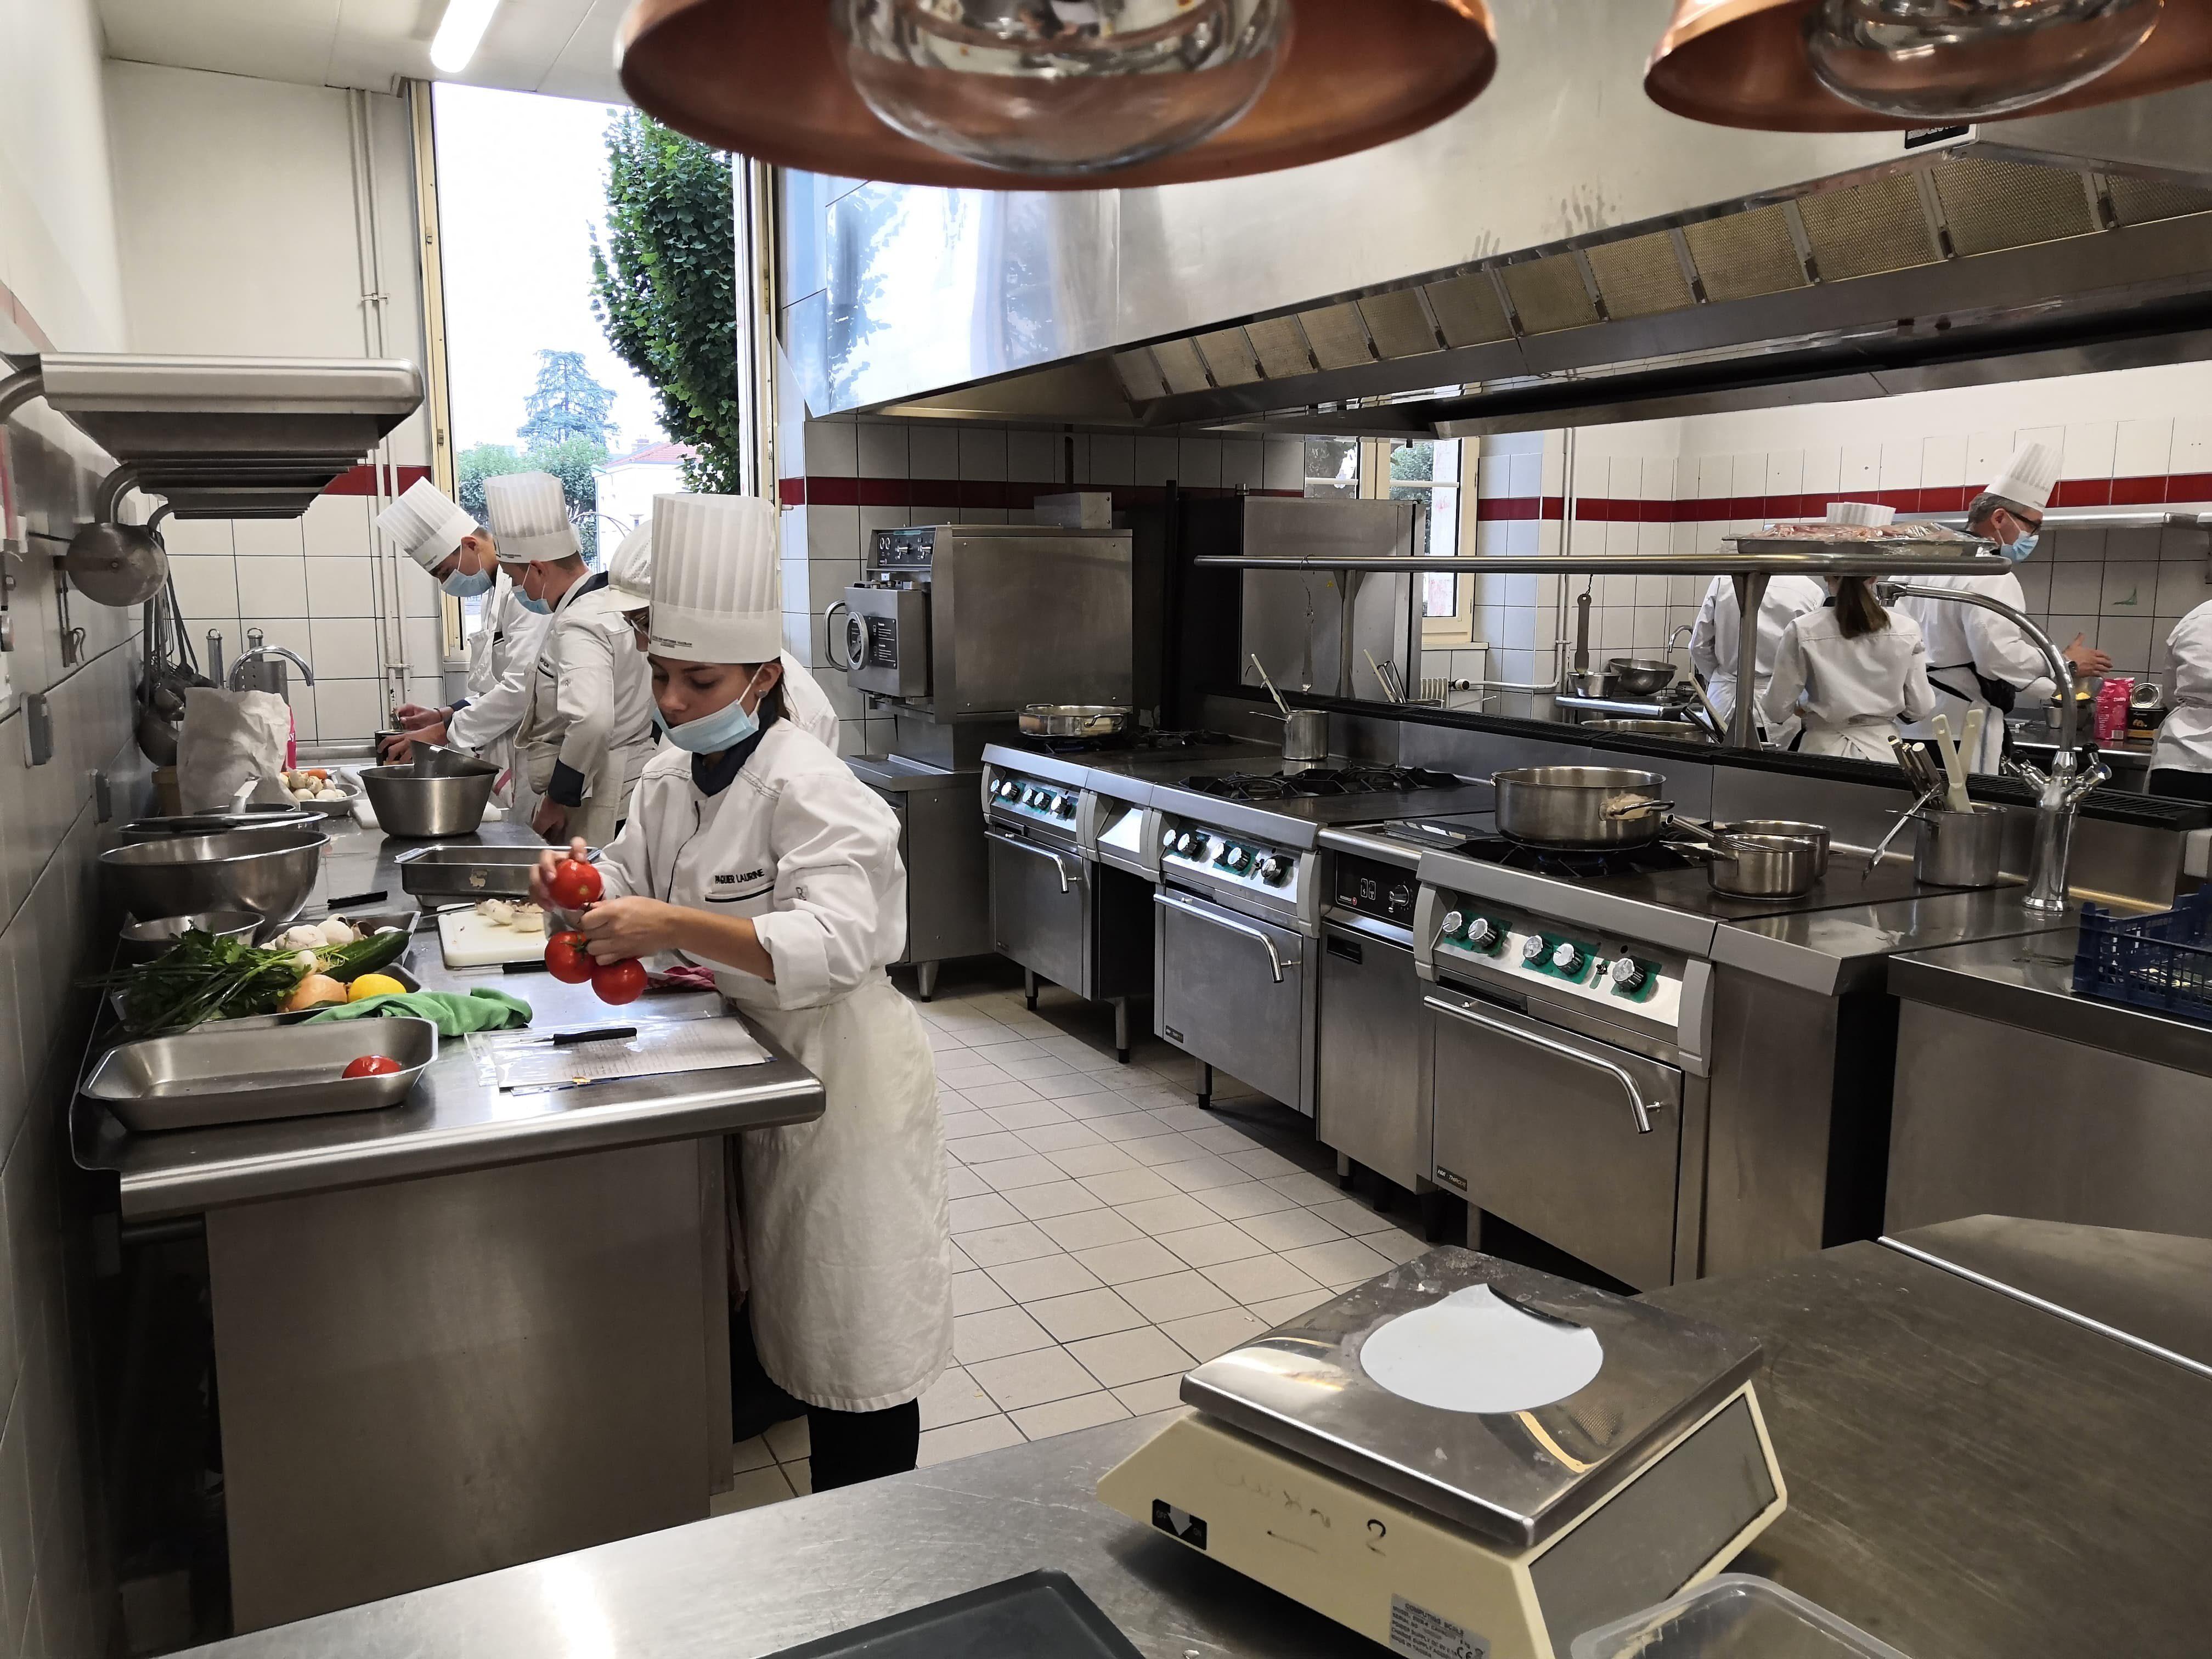 cuisine 1pro1 22-09 (3).jpg